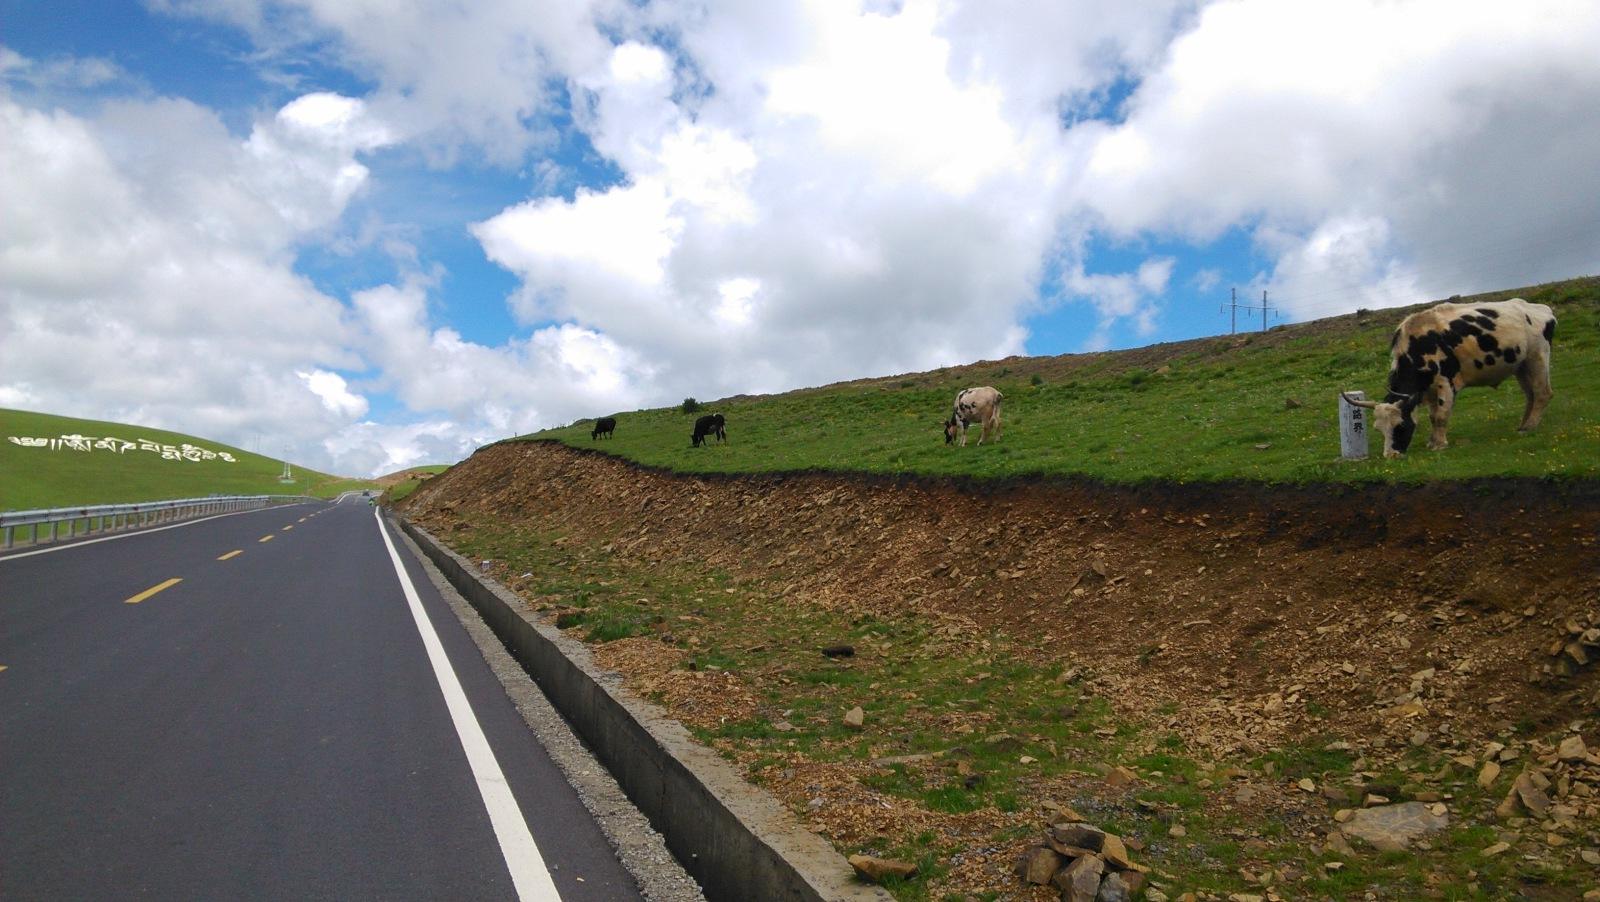 牛儿们都面朝六字真言,祈祷?或许就是在吃草:D